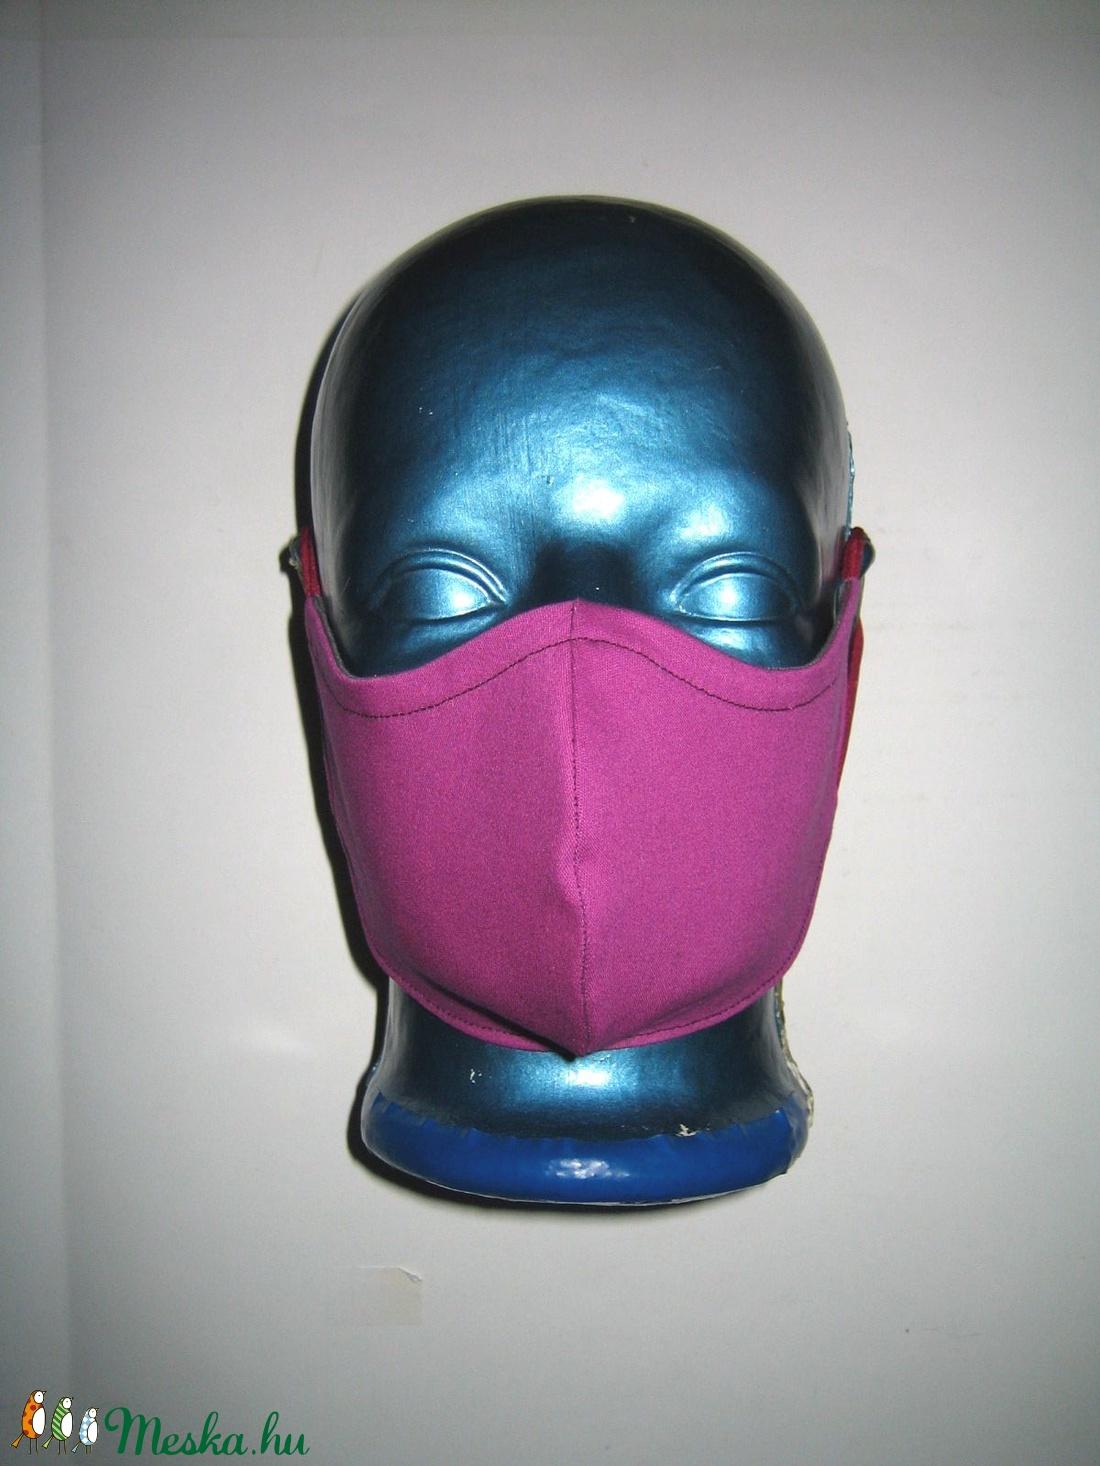 2in1 egyedi Szájmaszk arcmaszk fülre akasztható textil maszk - szürke pink almás - maszk, arcmaszk - női - Meska.hu